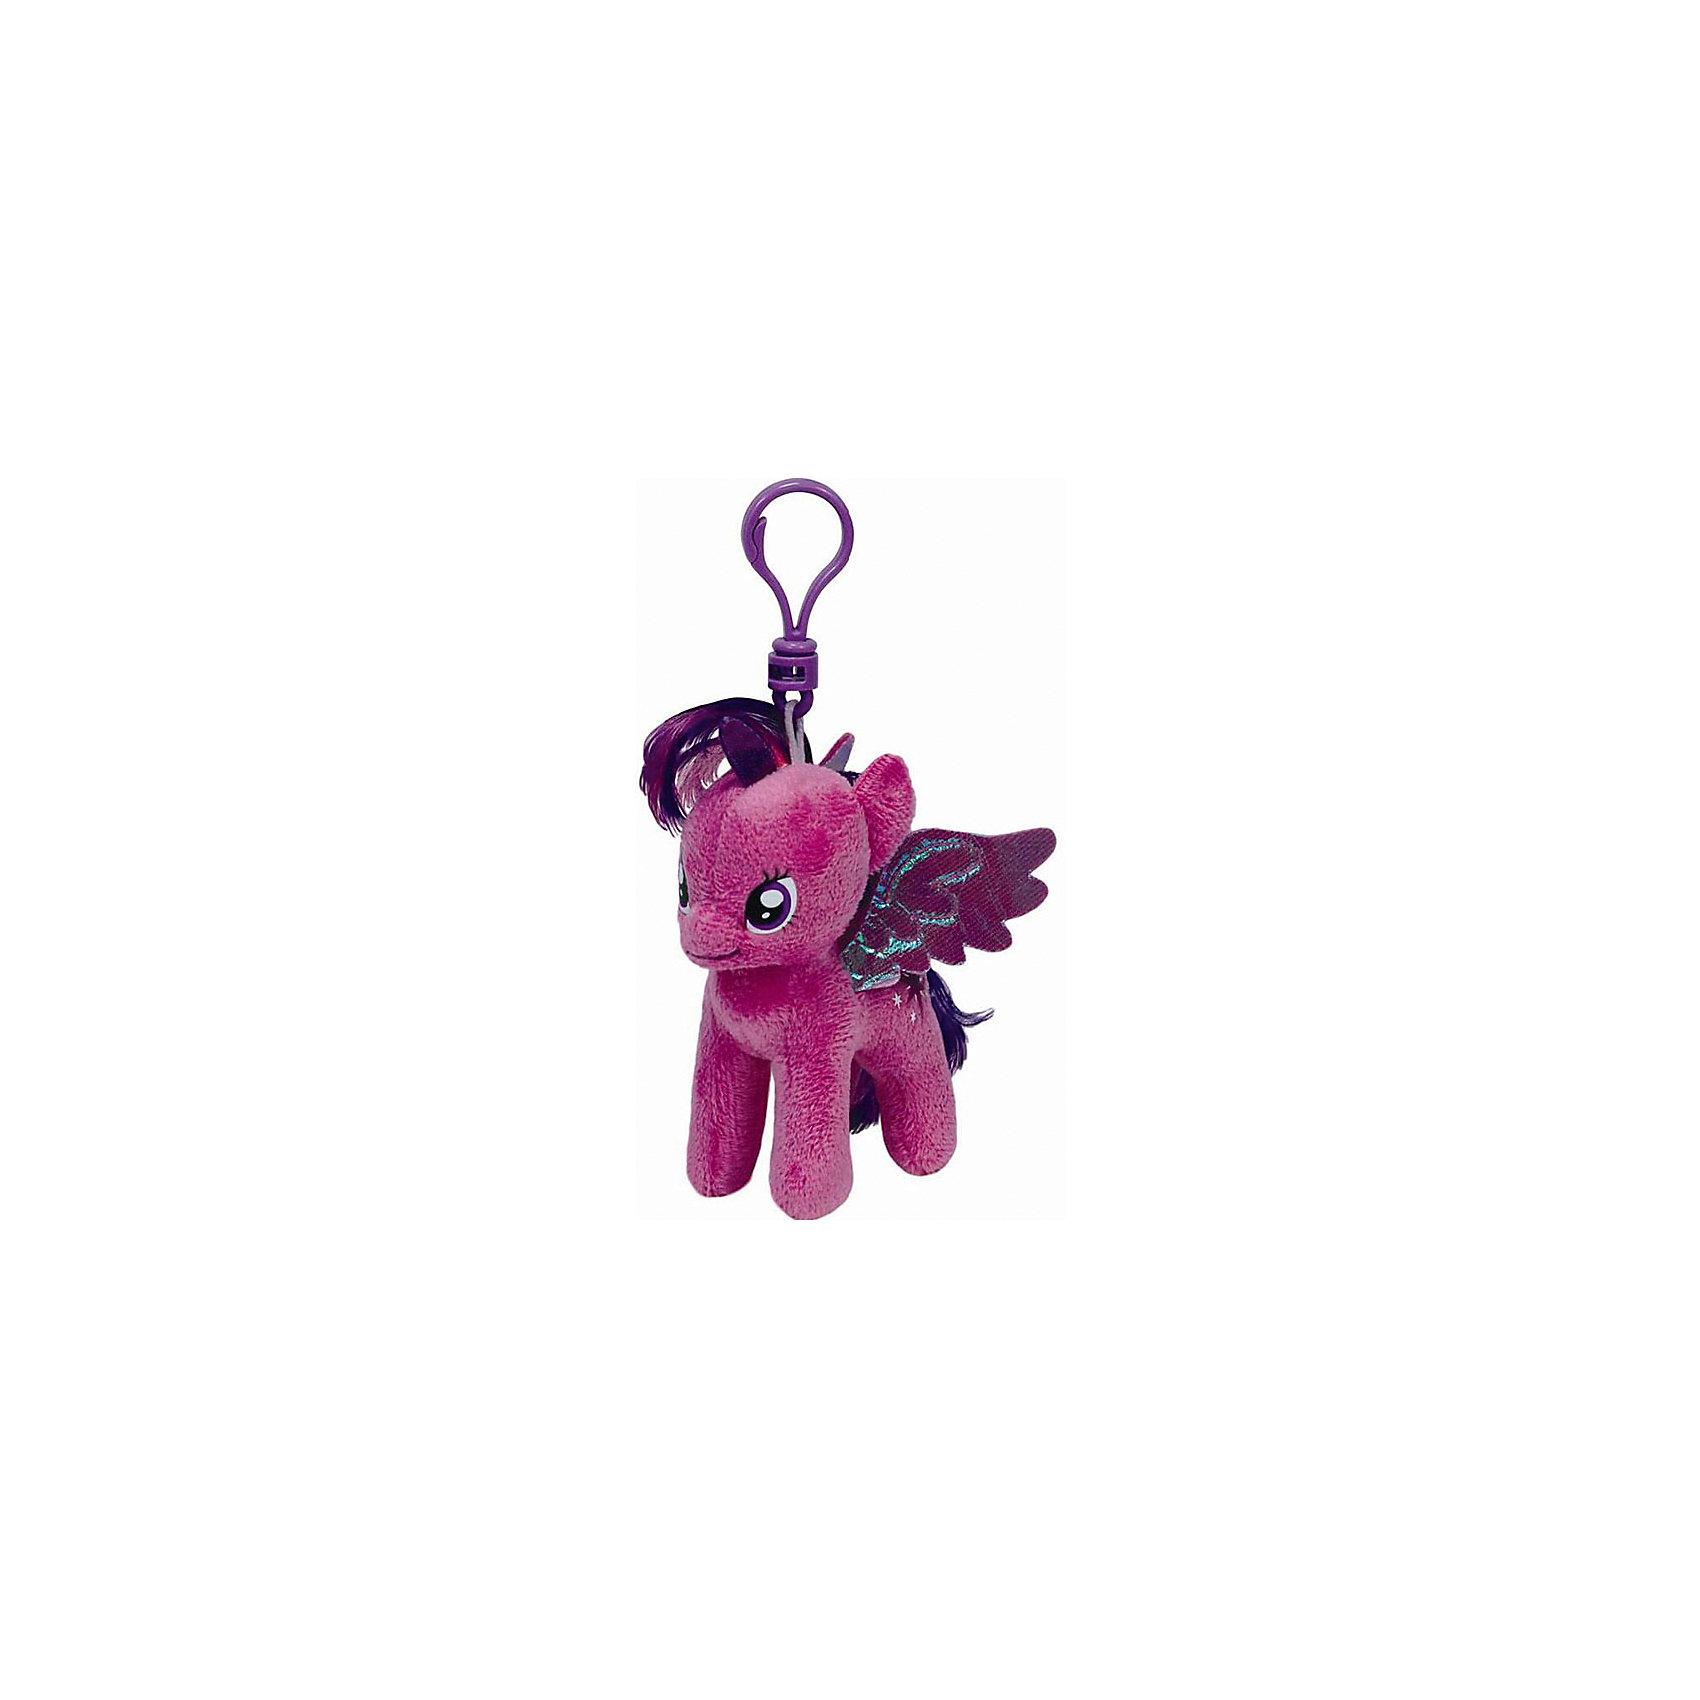 Пони Сумеречная искорка, My Little Pony, TyМаленькие девочки очень любят животных. Особенно любят лошадей. Для маленькой девочки нужна и маленькая лошадка. Такой лошадкой является пони. Вашей дочке обязательно понравится красивая малышка: Pony Twilight Sparkle (Пони  Сумеречная искорка), которая станет новой любимицей ребенка. Чудесная милая Пони имеет яркую красивую раскраску. Большие выразительные глаза пони смотрят с такой трогательной добротой, что так и хочется взять игрушку  на руки и заботиться об этой малютке. Мягкая игрушка оснащена удобным карабином, при помощи которого ее можно прикрепить к сумочке или к рюкзаку, чтобы никогда не расставаться!<br><br>Дополнительная информация:<br><br>- Игрушка развивает: тактильные навыки, зрительную координацию, мелкую моторику рук;<br>- Идеальный подарок для любителей серии: My Little Pony (Моя Маленькая Пони);<br>- Материалы не вызовут аллергии у Вашего малыша;<br>- Игрушка оснащена карабином, для крепления к сумочке;<br>- Яркие и стойкие цвета приятны для глаз;<br>- Материал: плюш, пластик;<br>- Высота игрушки: 15 см<br><br>Pony Twilight Sparkle (Пони  Сумеречная искорка), 15 см, My Little Pony, Ty можно купить в нашем интернет-магазине.<br><br>Ширина мм: 150<br>Глубина мм: 150<br>Высота мм: 152<br>Вес г: 29<br>Возраст от месяцев: 36<br>Возраст до месяцев: 120<br>Пол: Унисекс<br>Возраст: Детский<br>SKU: 3676489